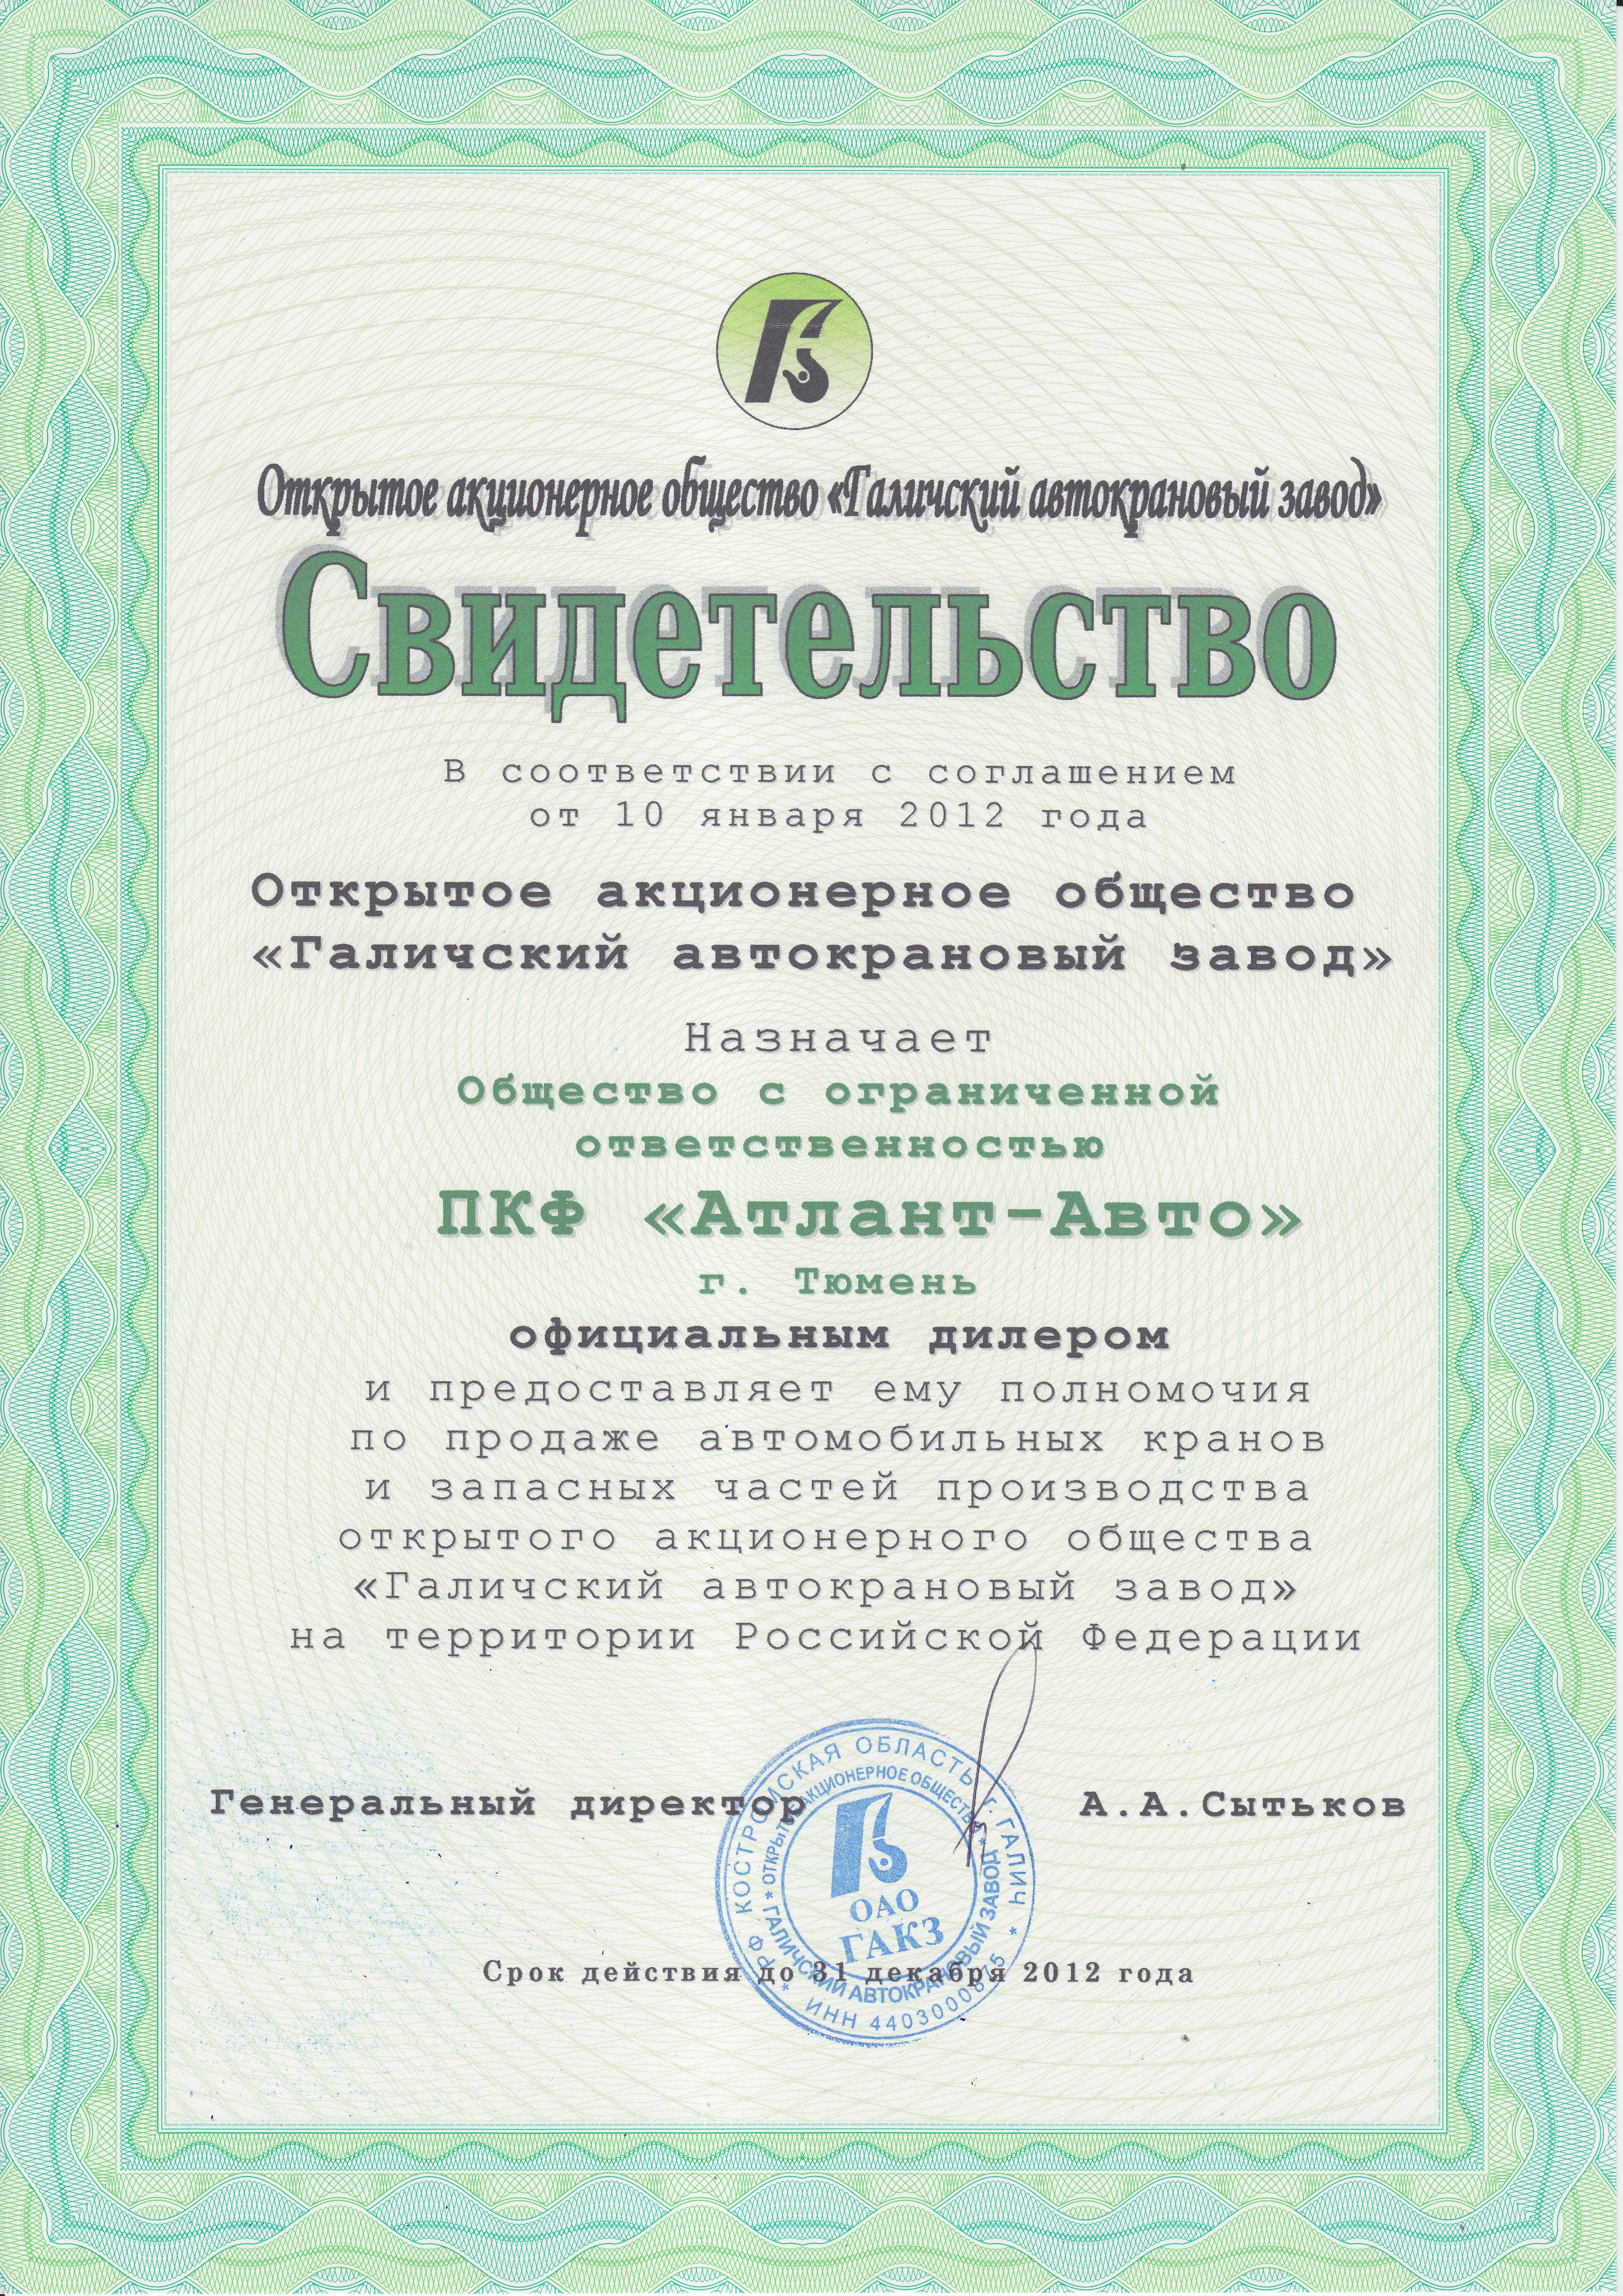 МТЗ в лизинг - mtzufa.ru